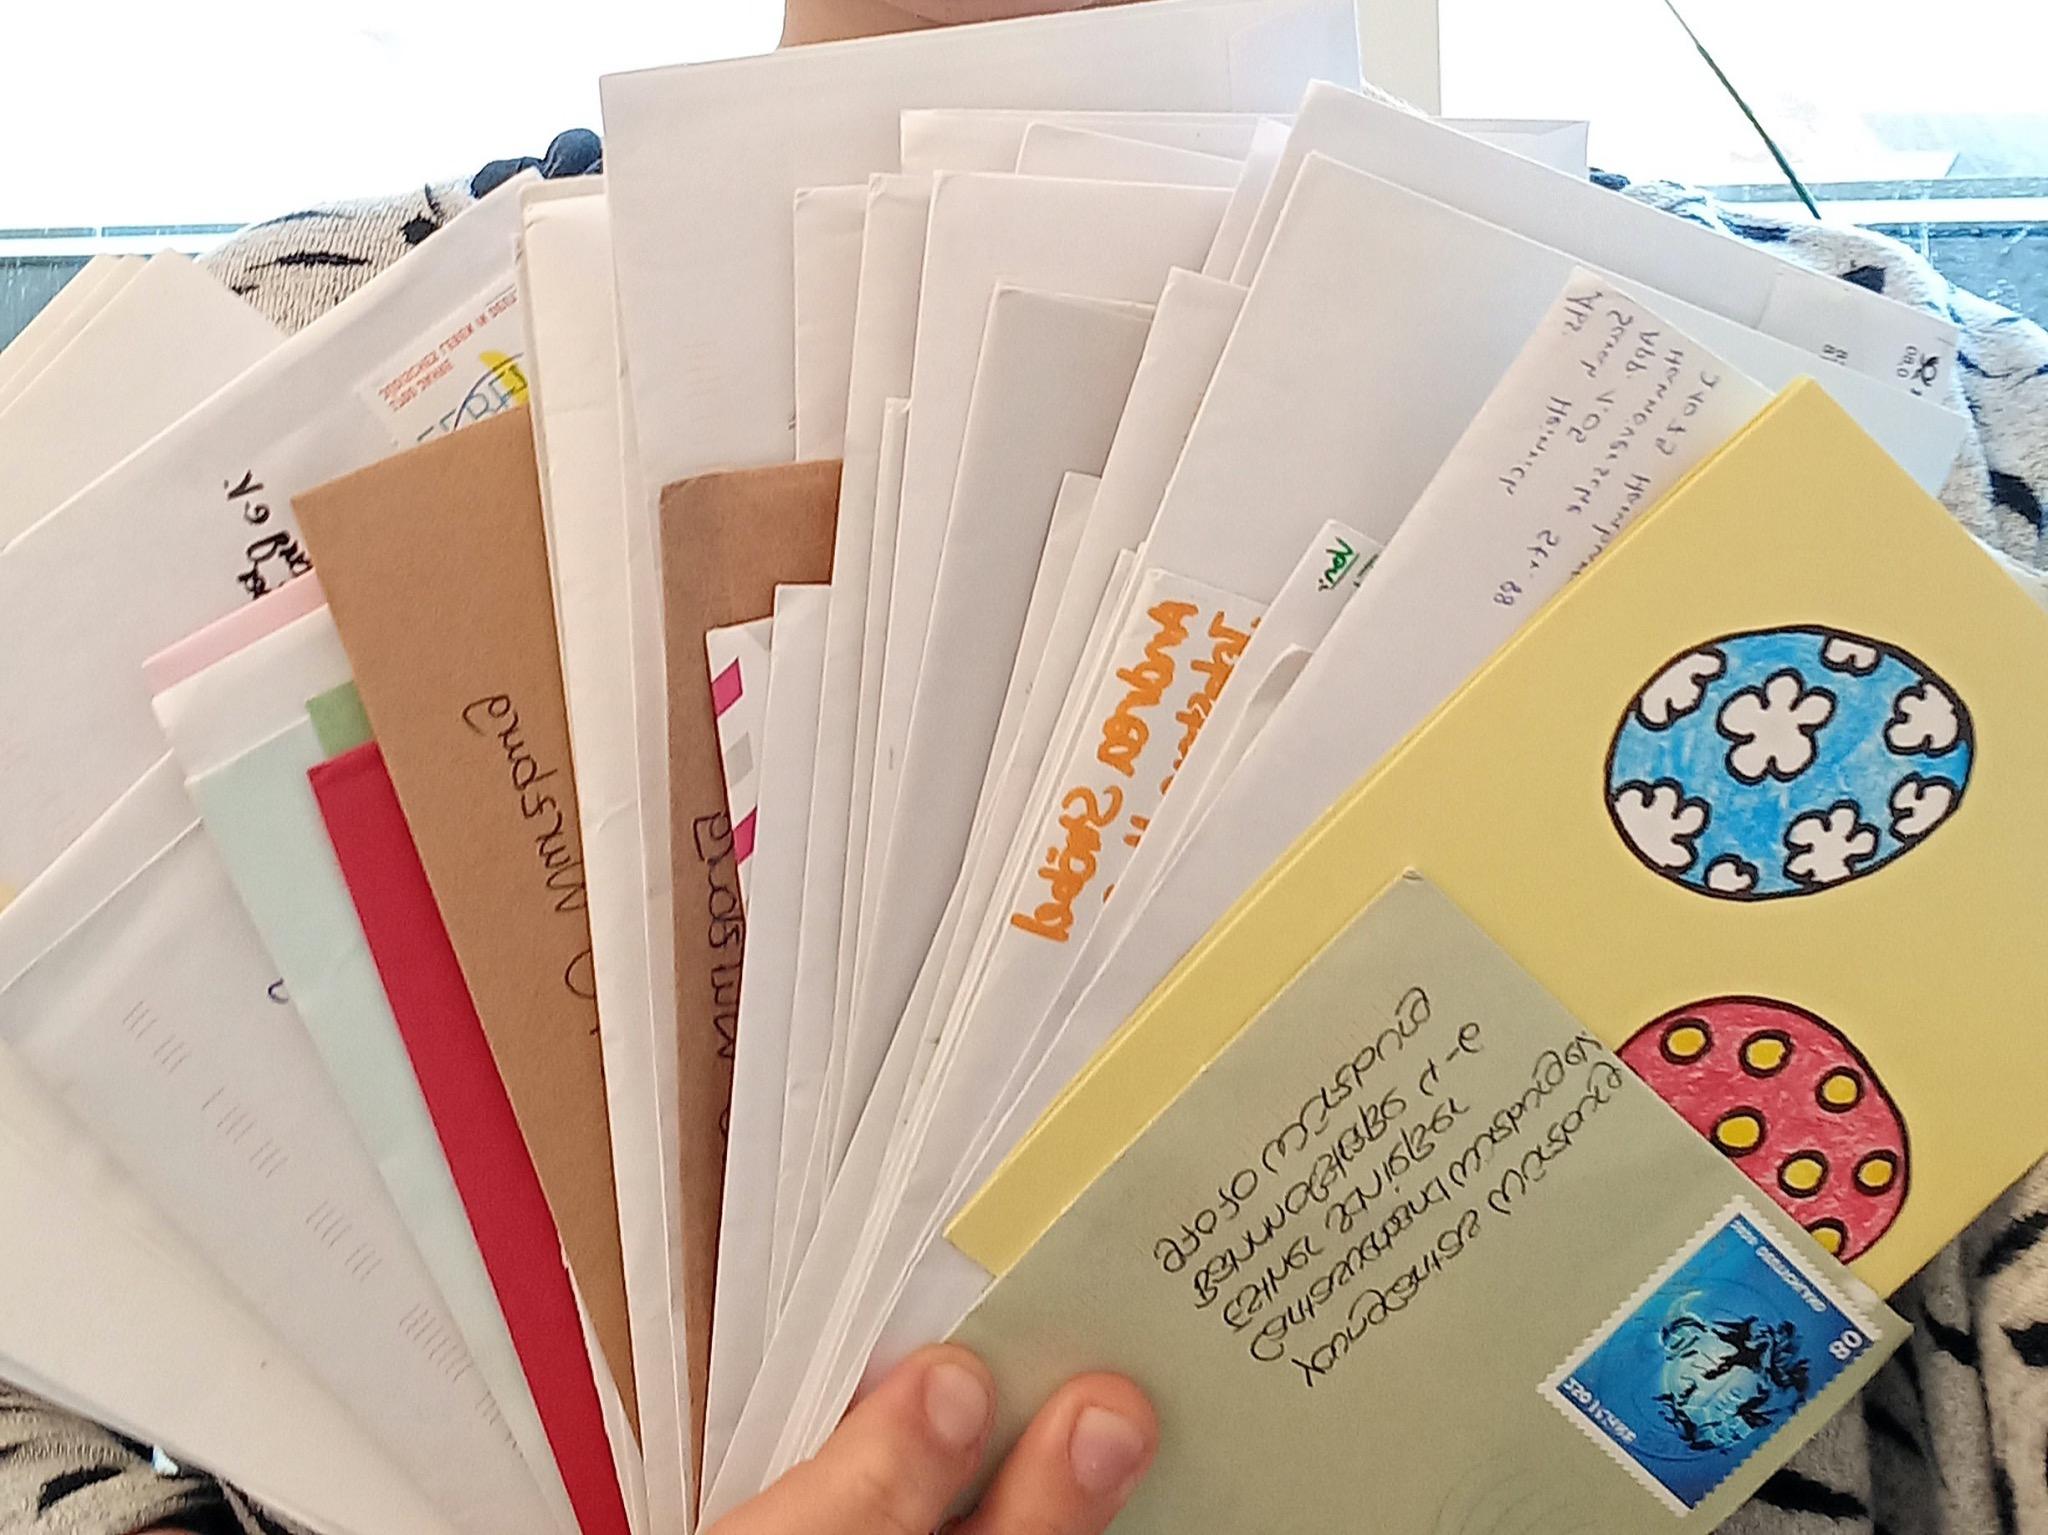 Rund 250 Briefe haben Kinder, Jugendliche und junge Erwachsene in den letzten Wochen geschrieben und bei youngcaritas abgegeben. Foto: Esther Schießer